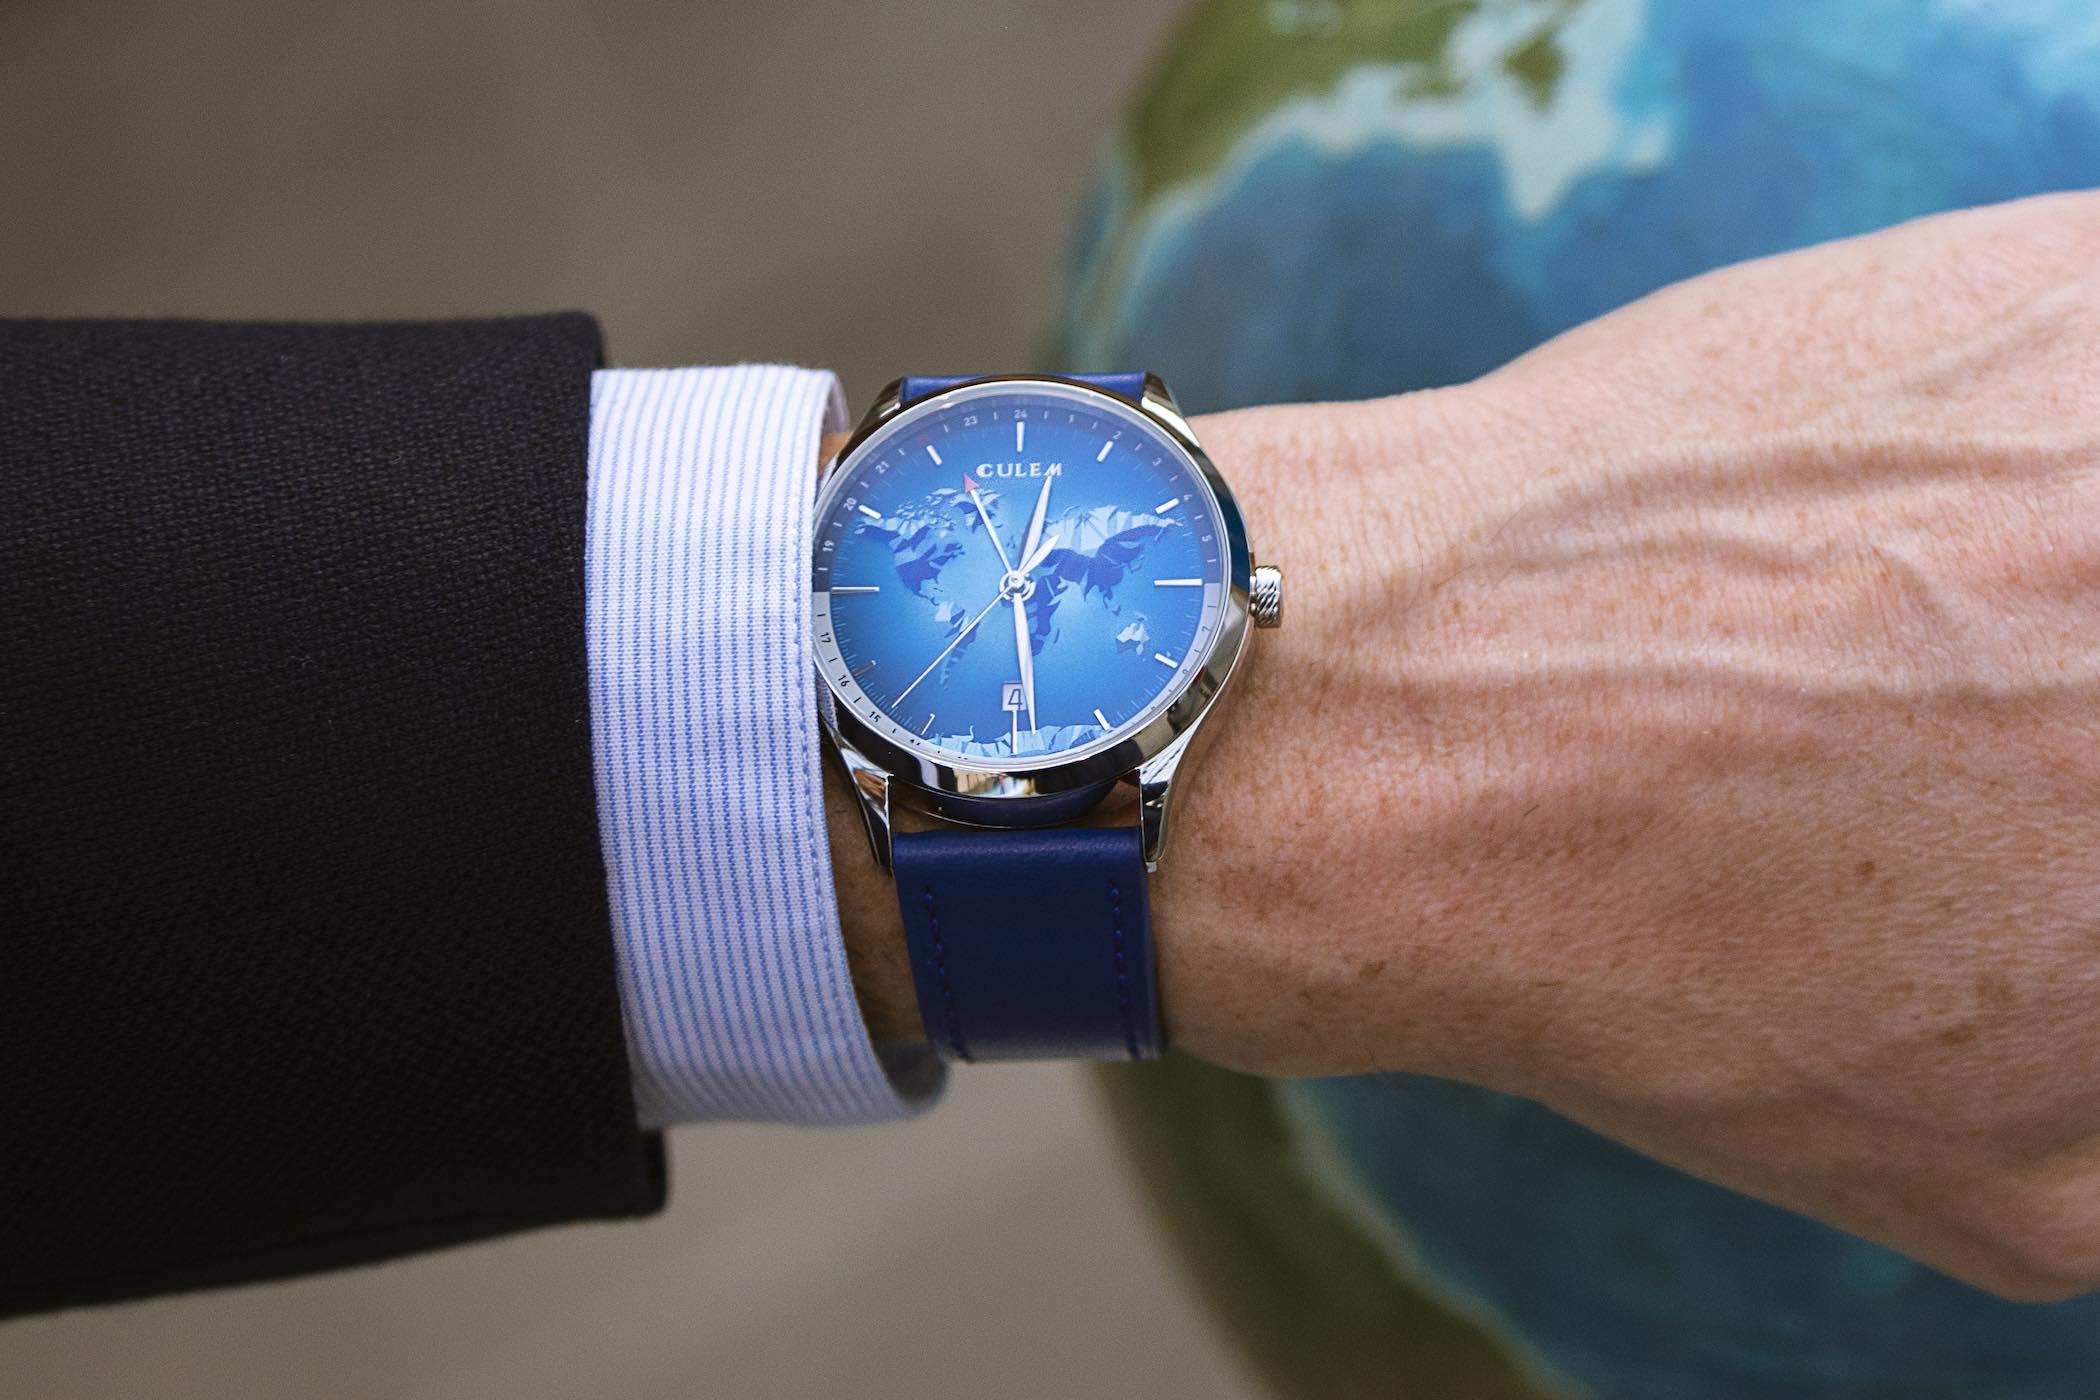 CuleM World GMT Accessible Travelers Watch Kickstarter